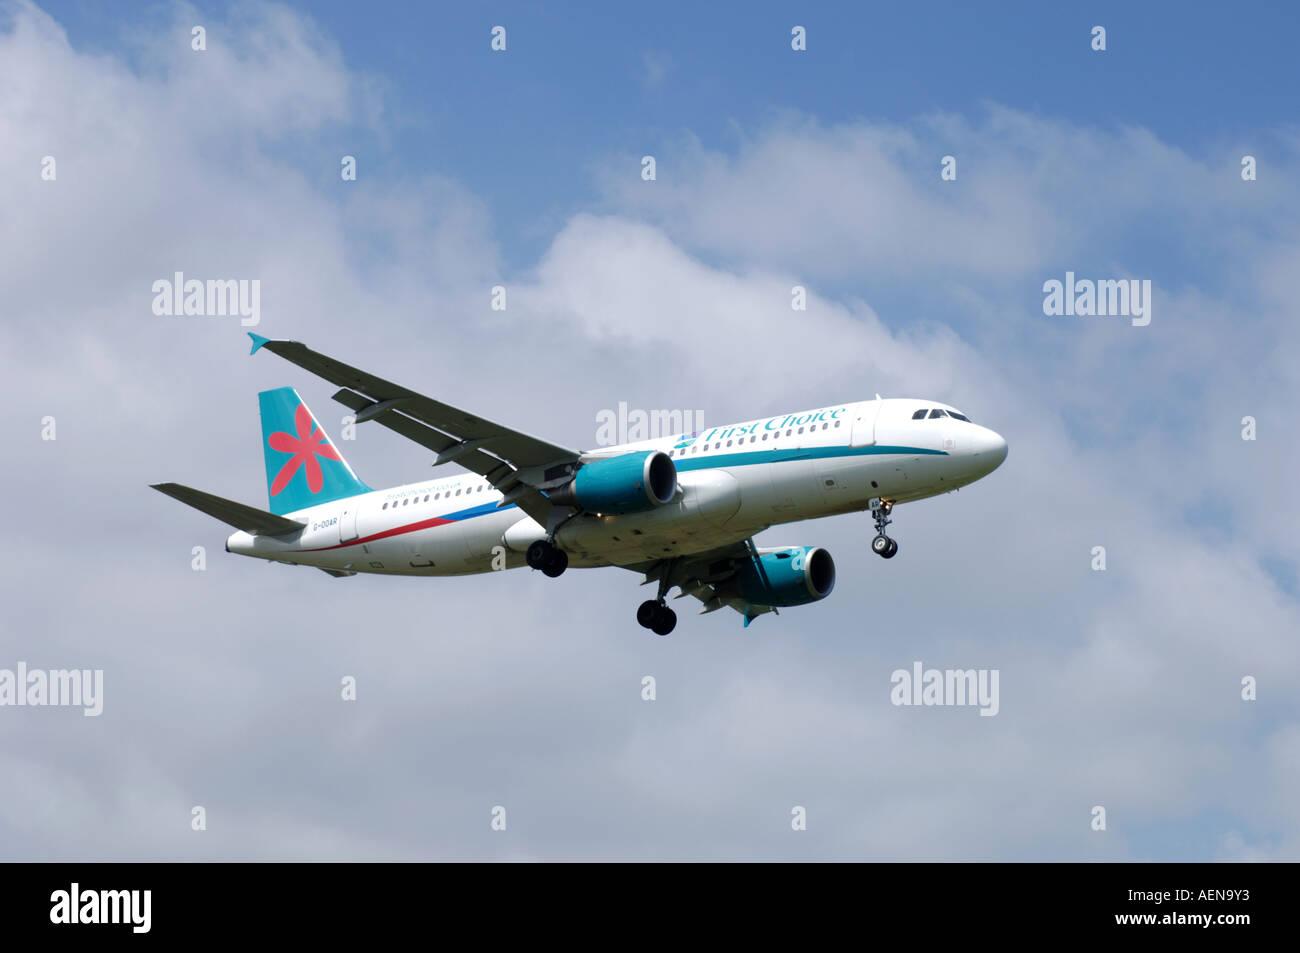 A320-214 Airbus Registration G-OOAR.   XAV-282 - Stock Image